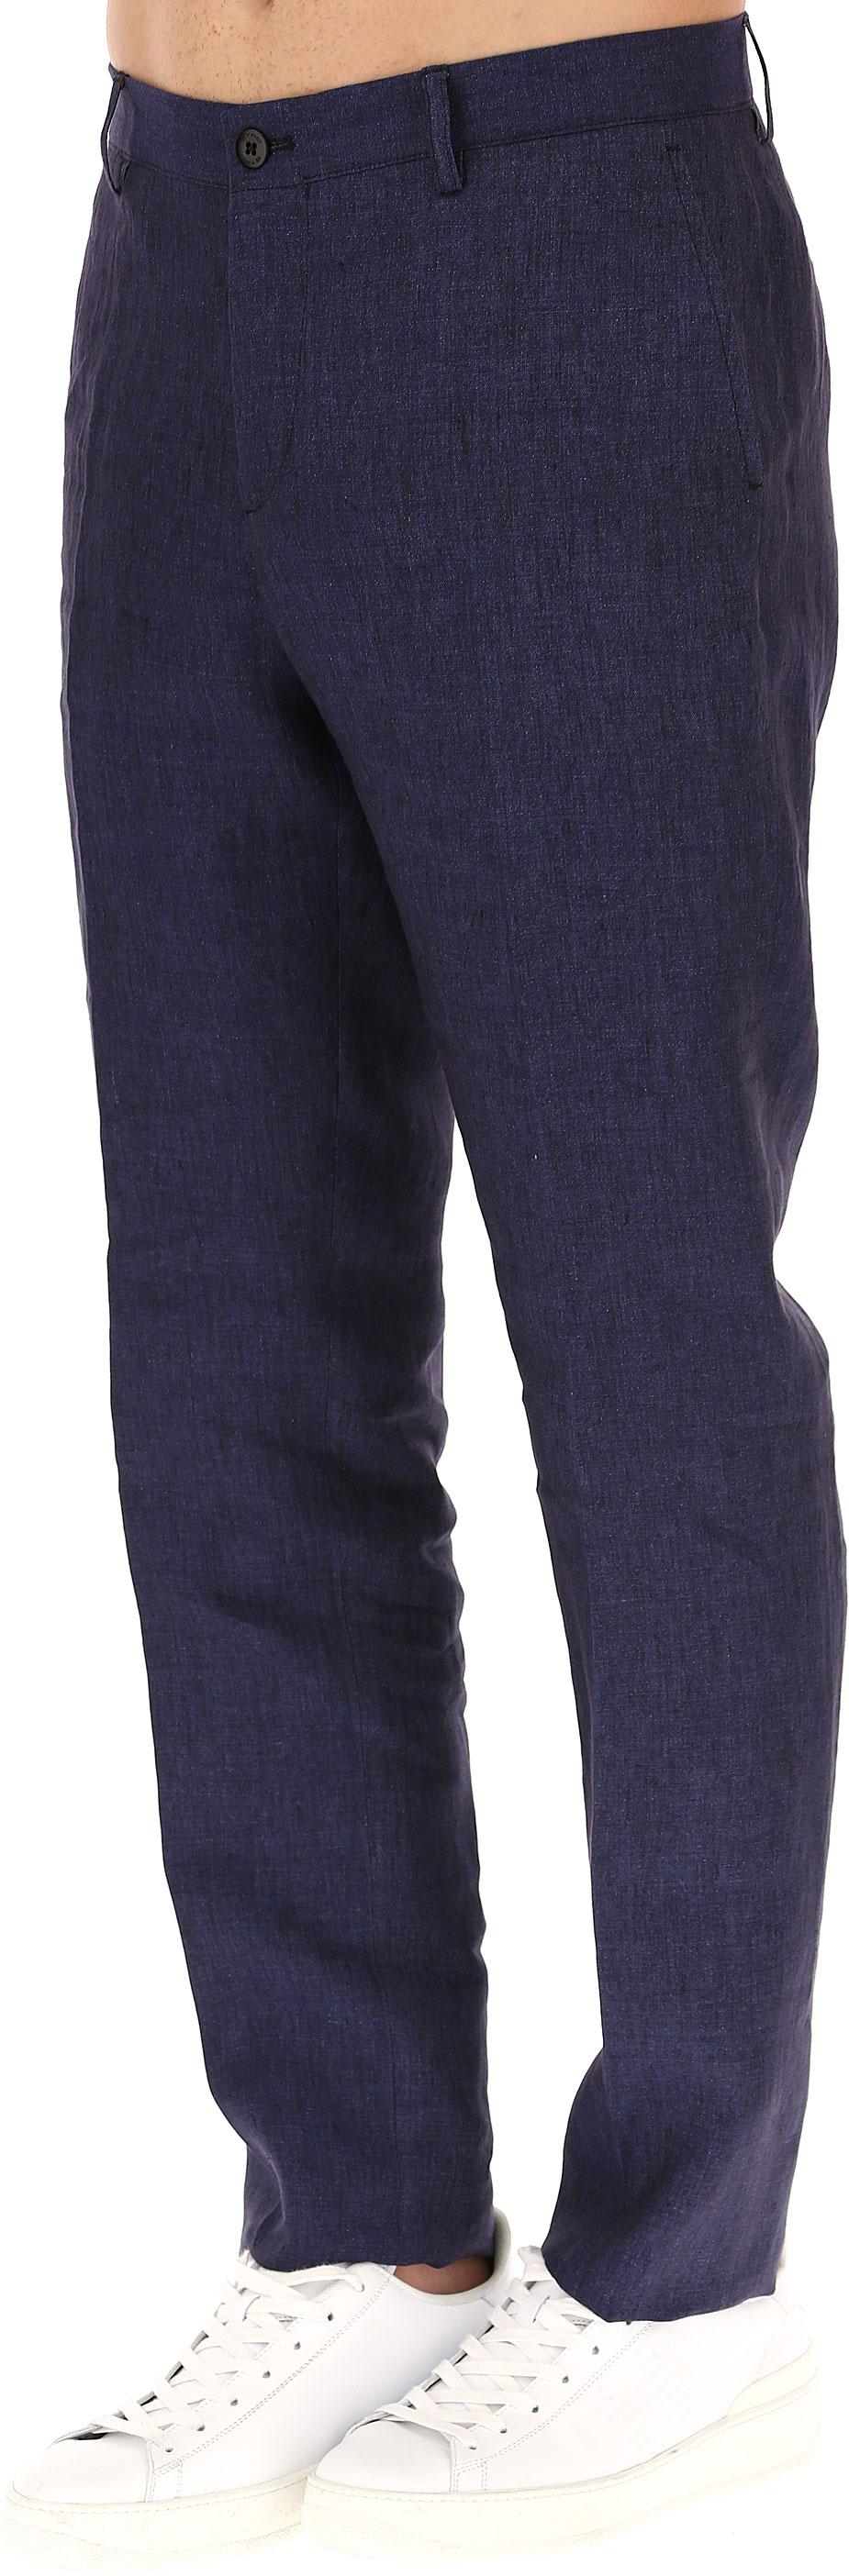 Abbigliamento Uomo Etro, Codice Articolo: 1p408-1102-200